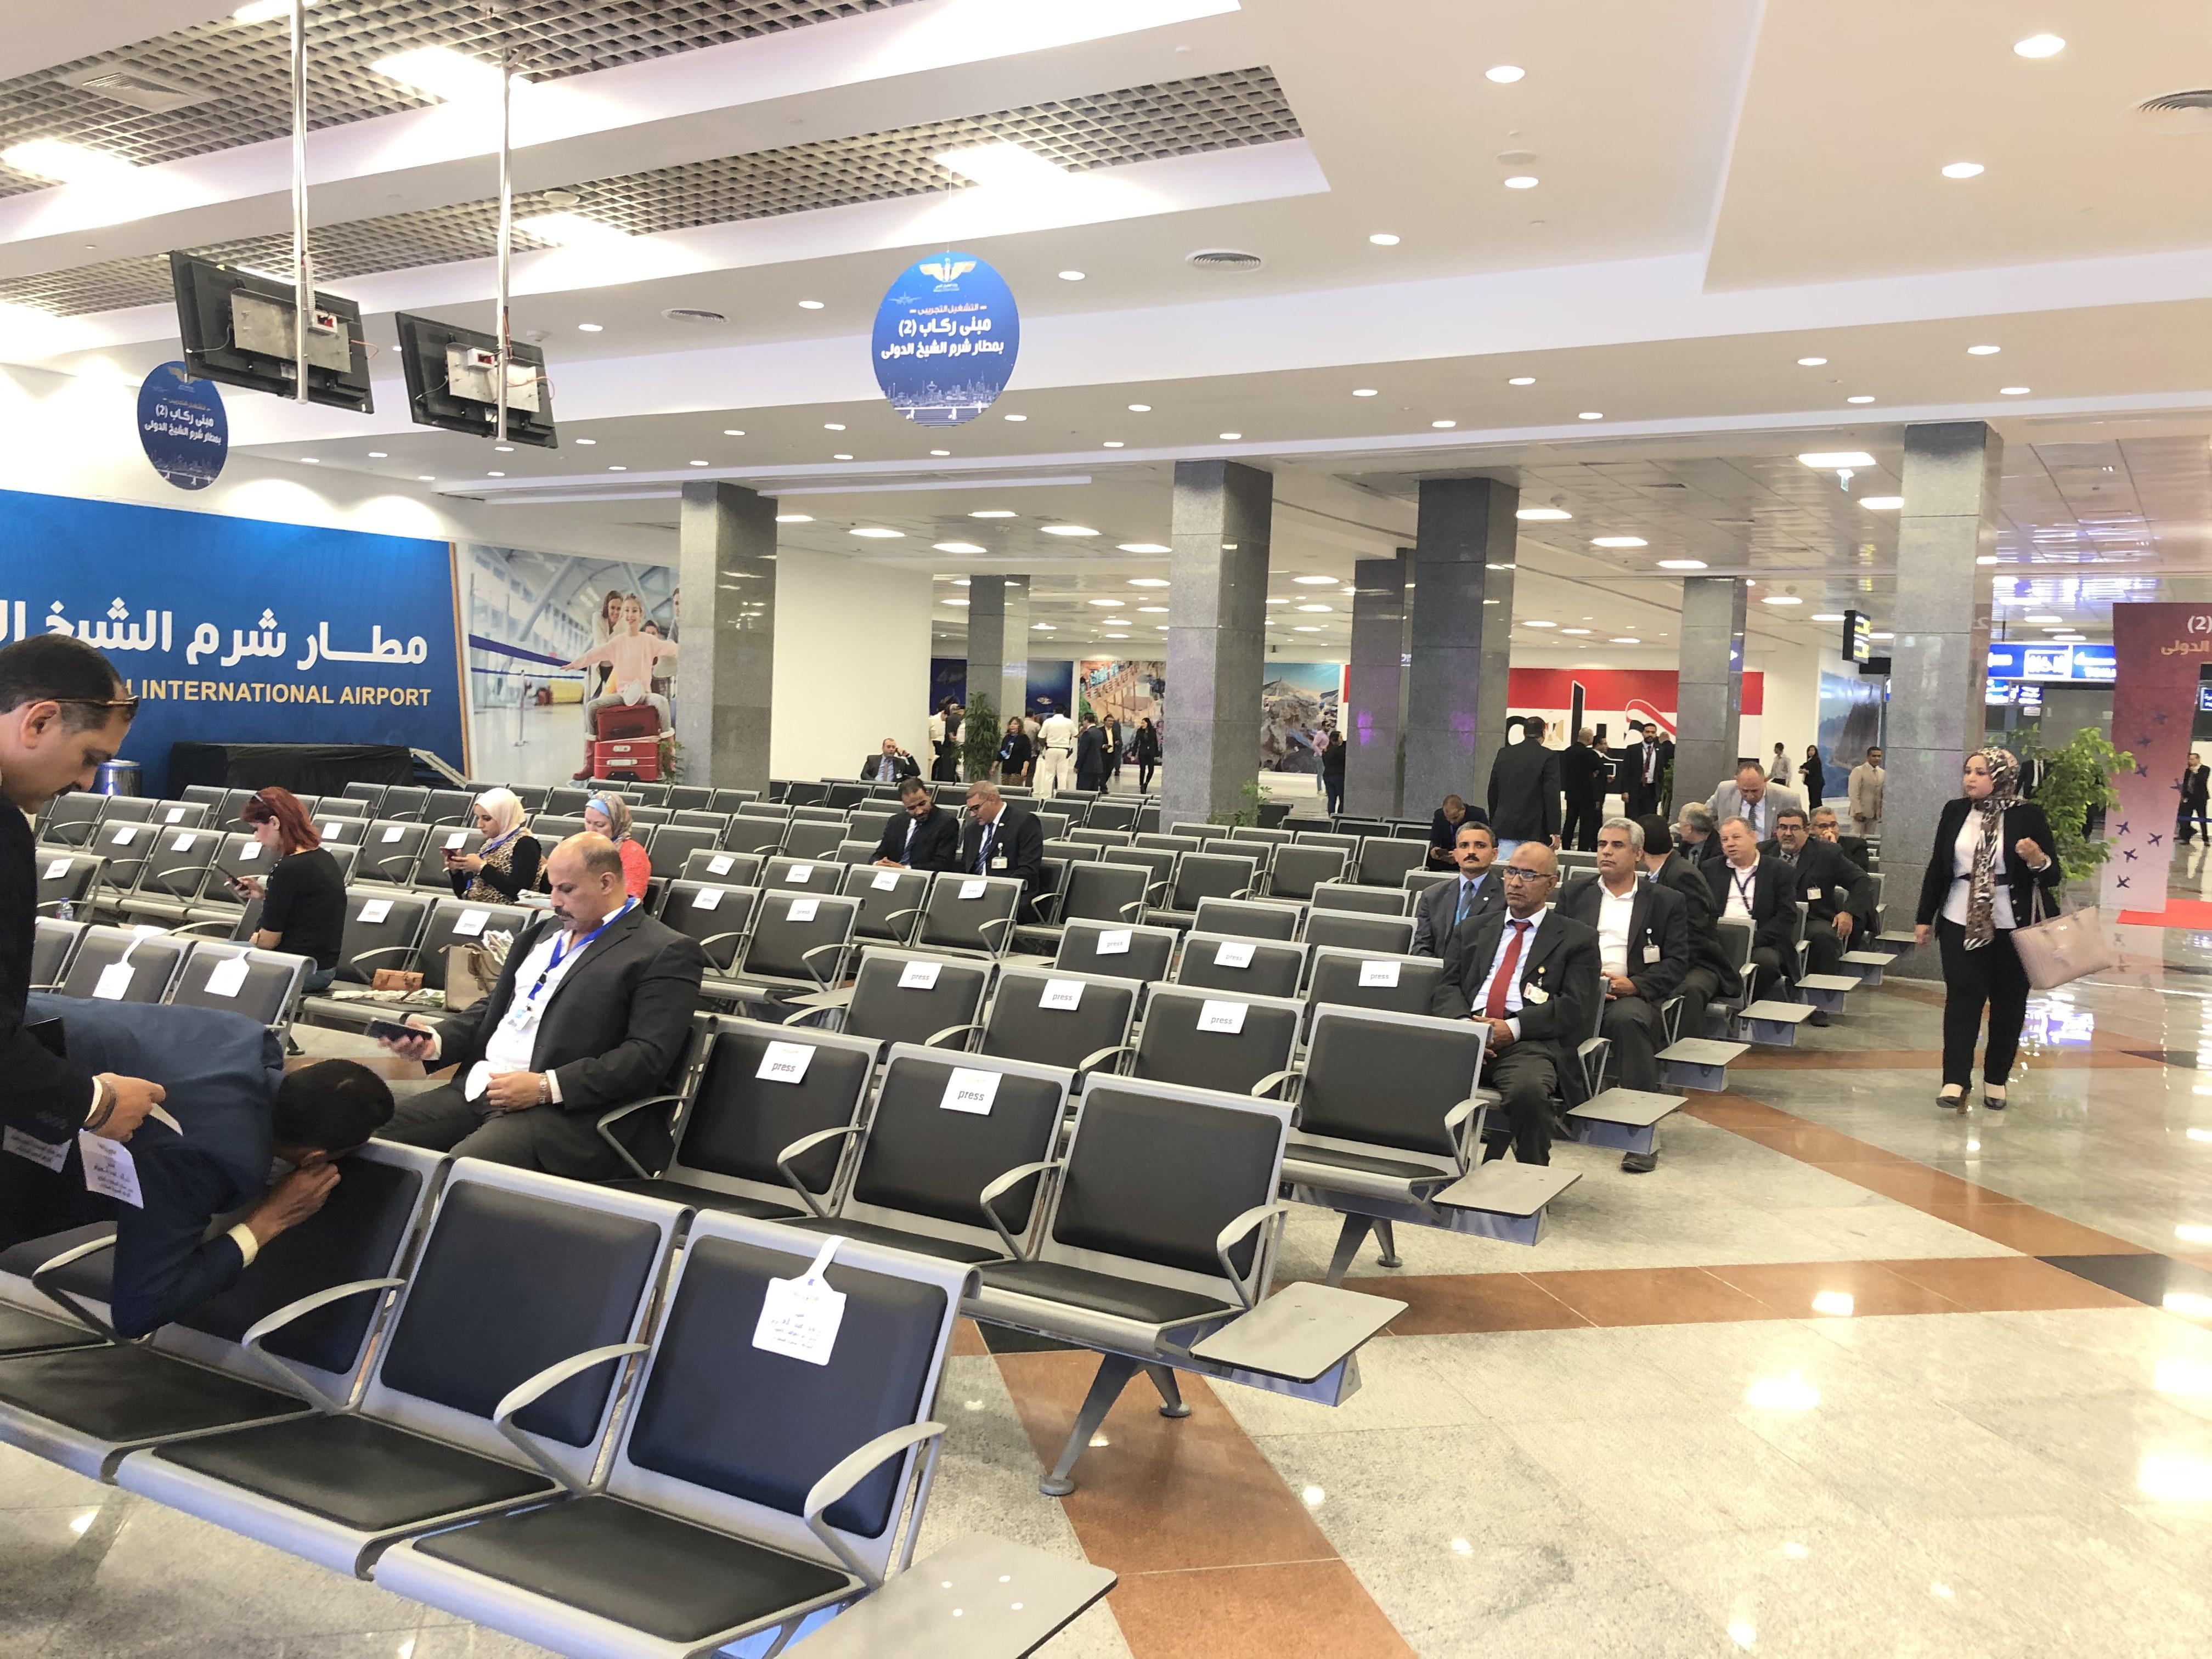 مطار شرم الشيخ يستعد لإفتتاح مبنى الركاب رقم 2